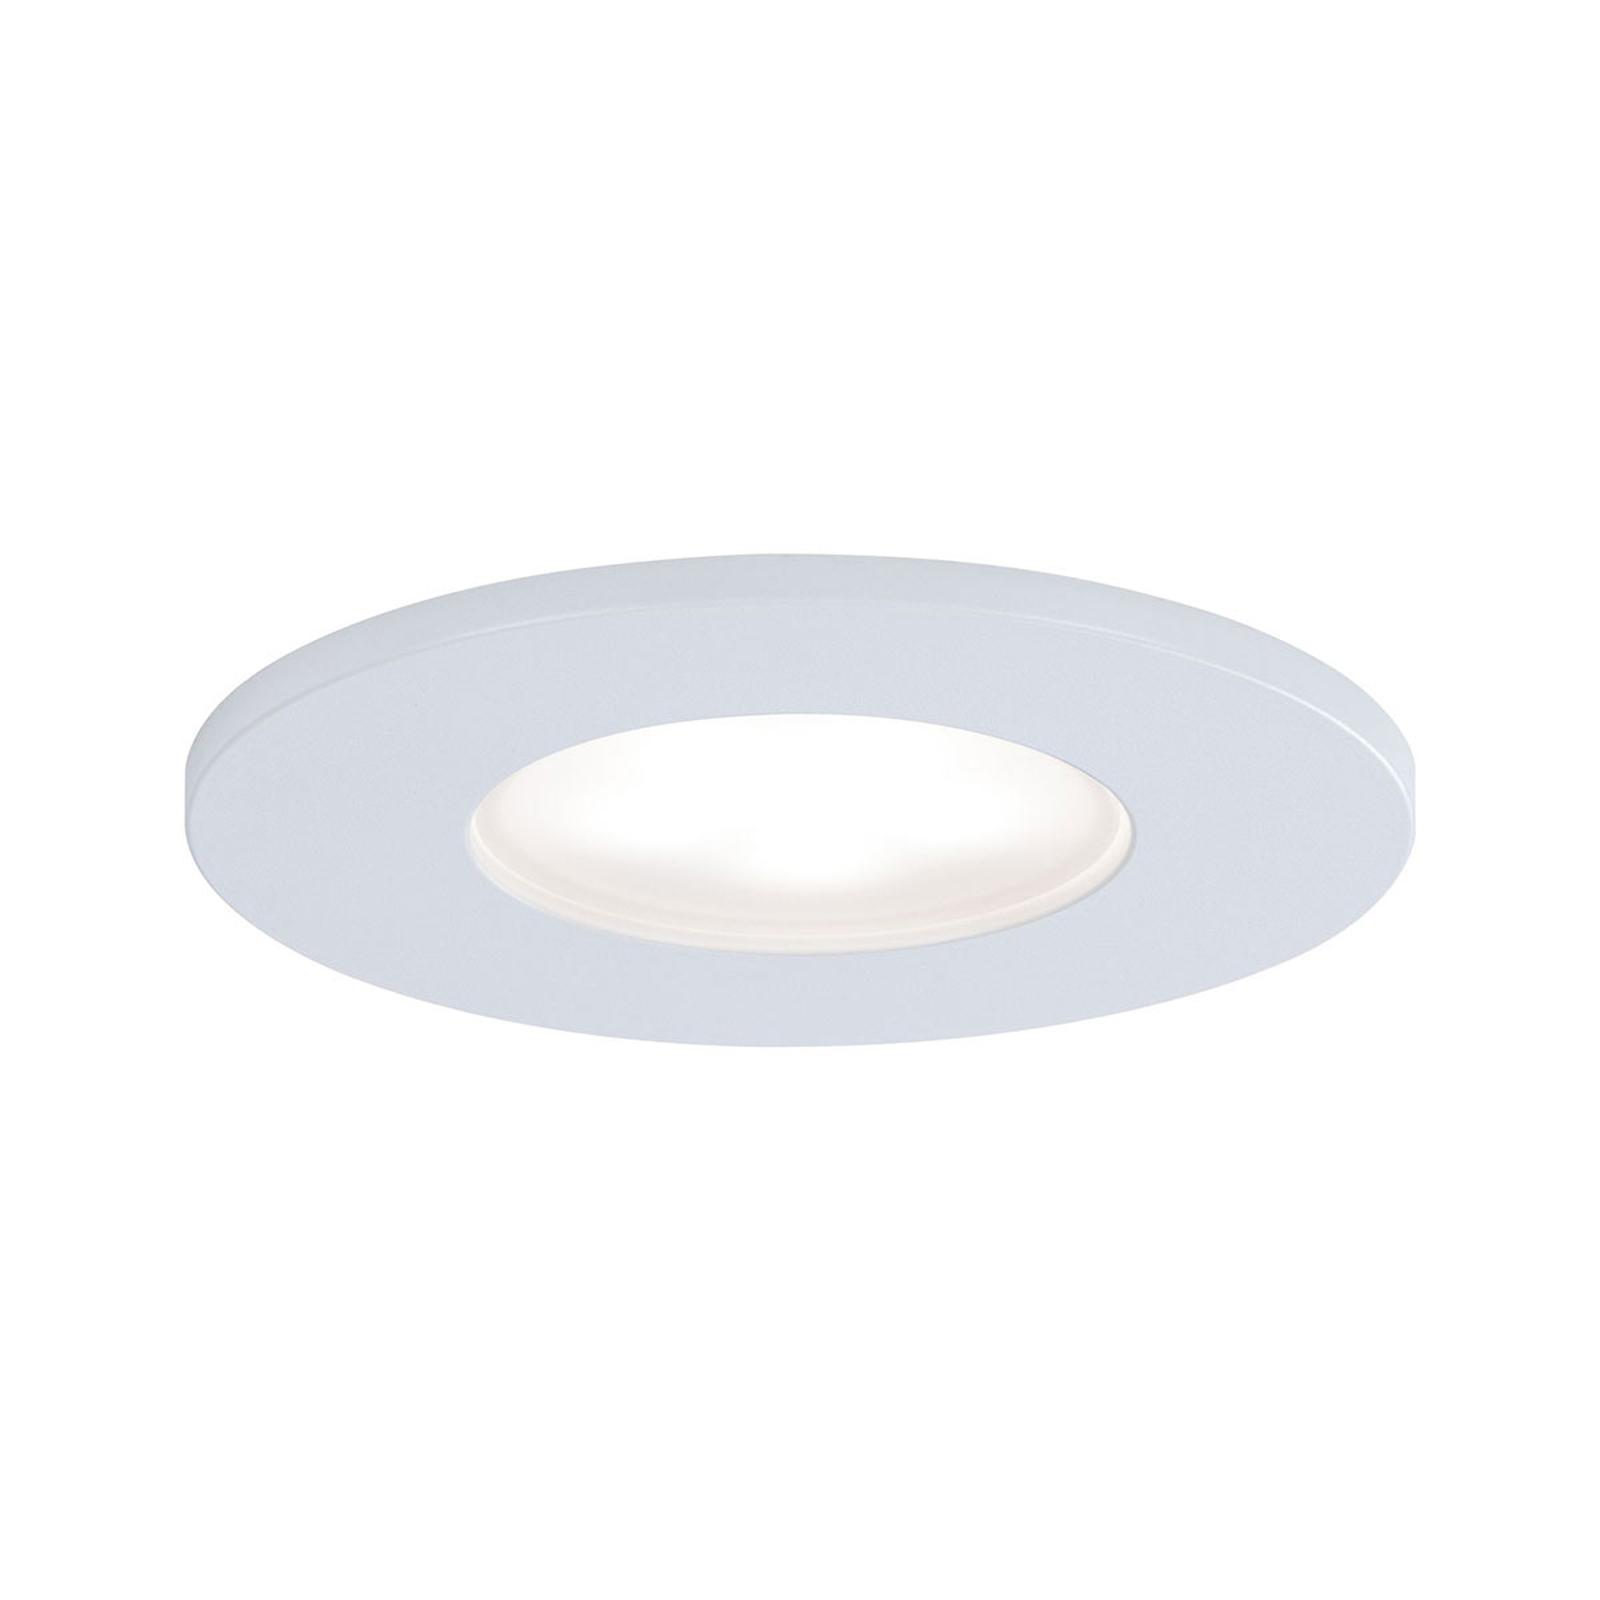 Paulmann LED-Außen-Einbauspot Calla starr weiß